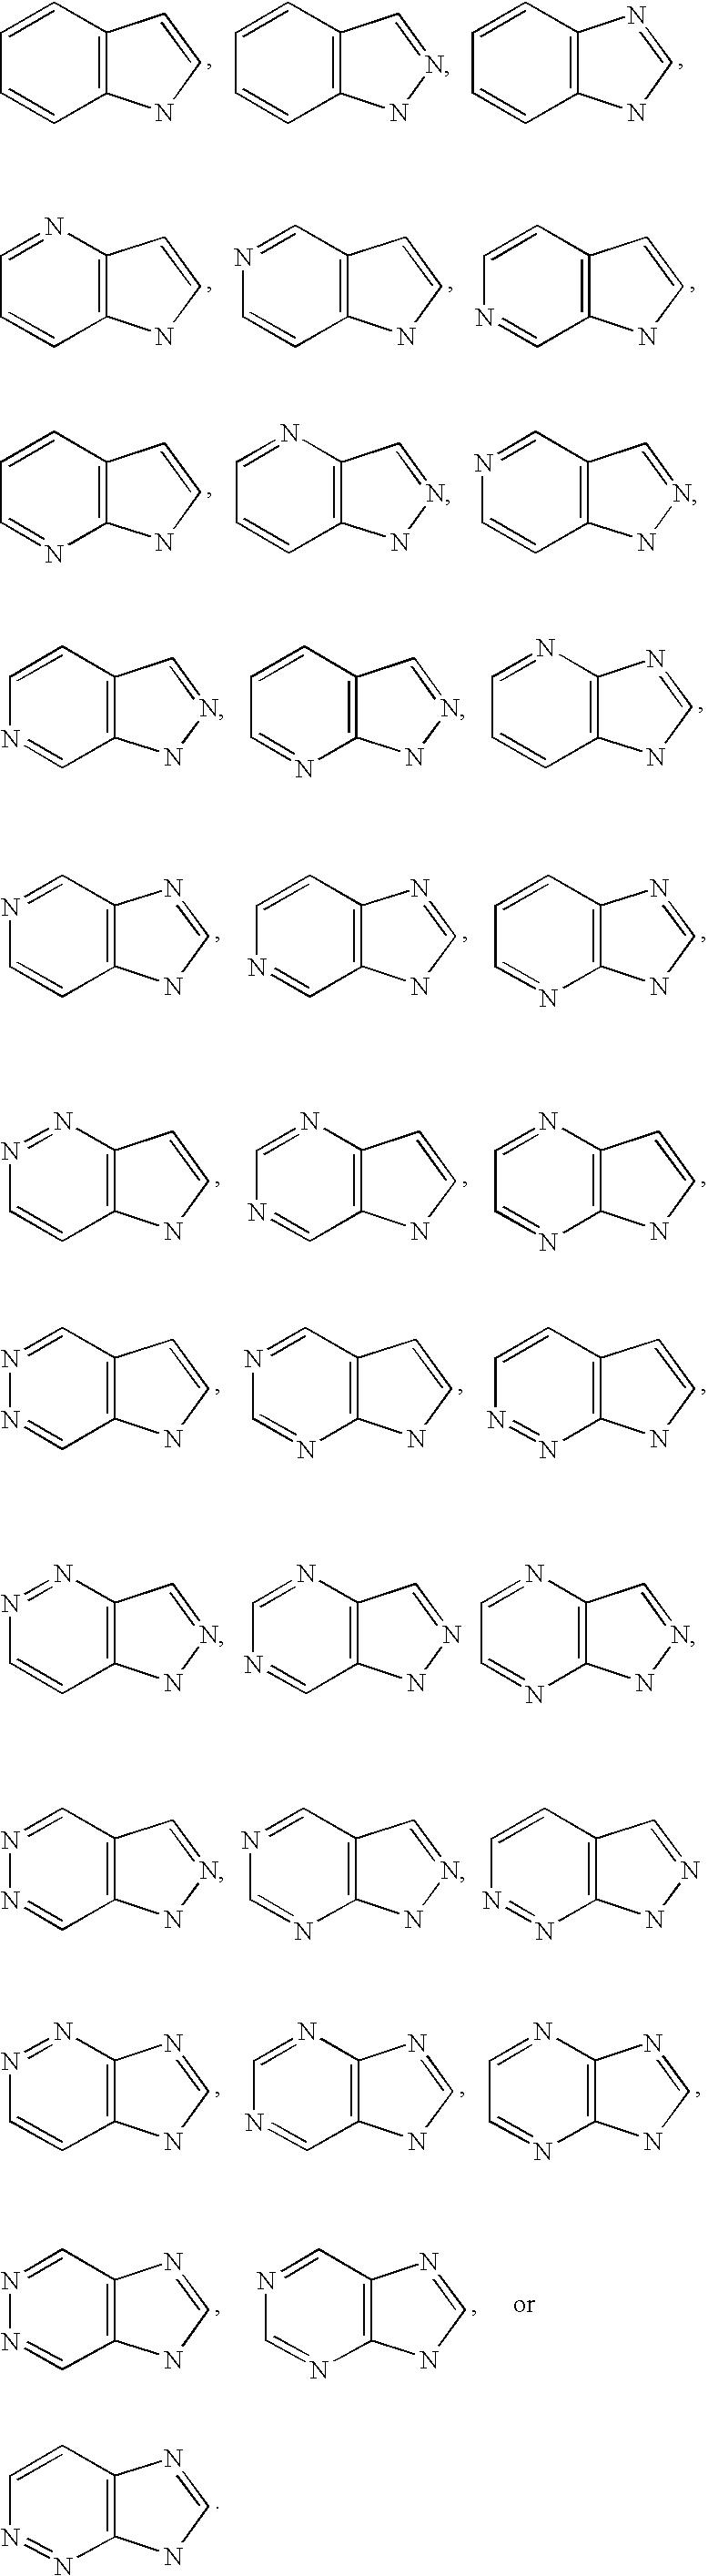 Figure US07605168-20091020-C00017